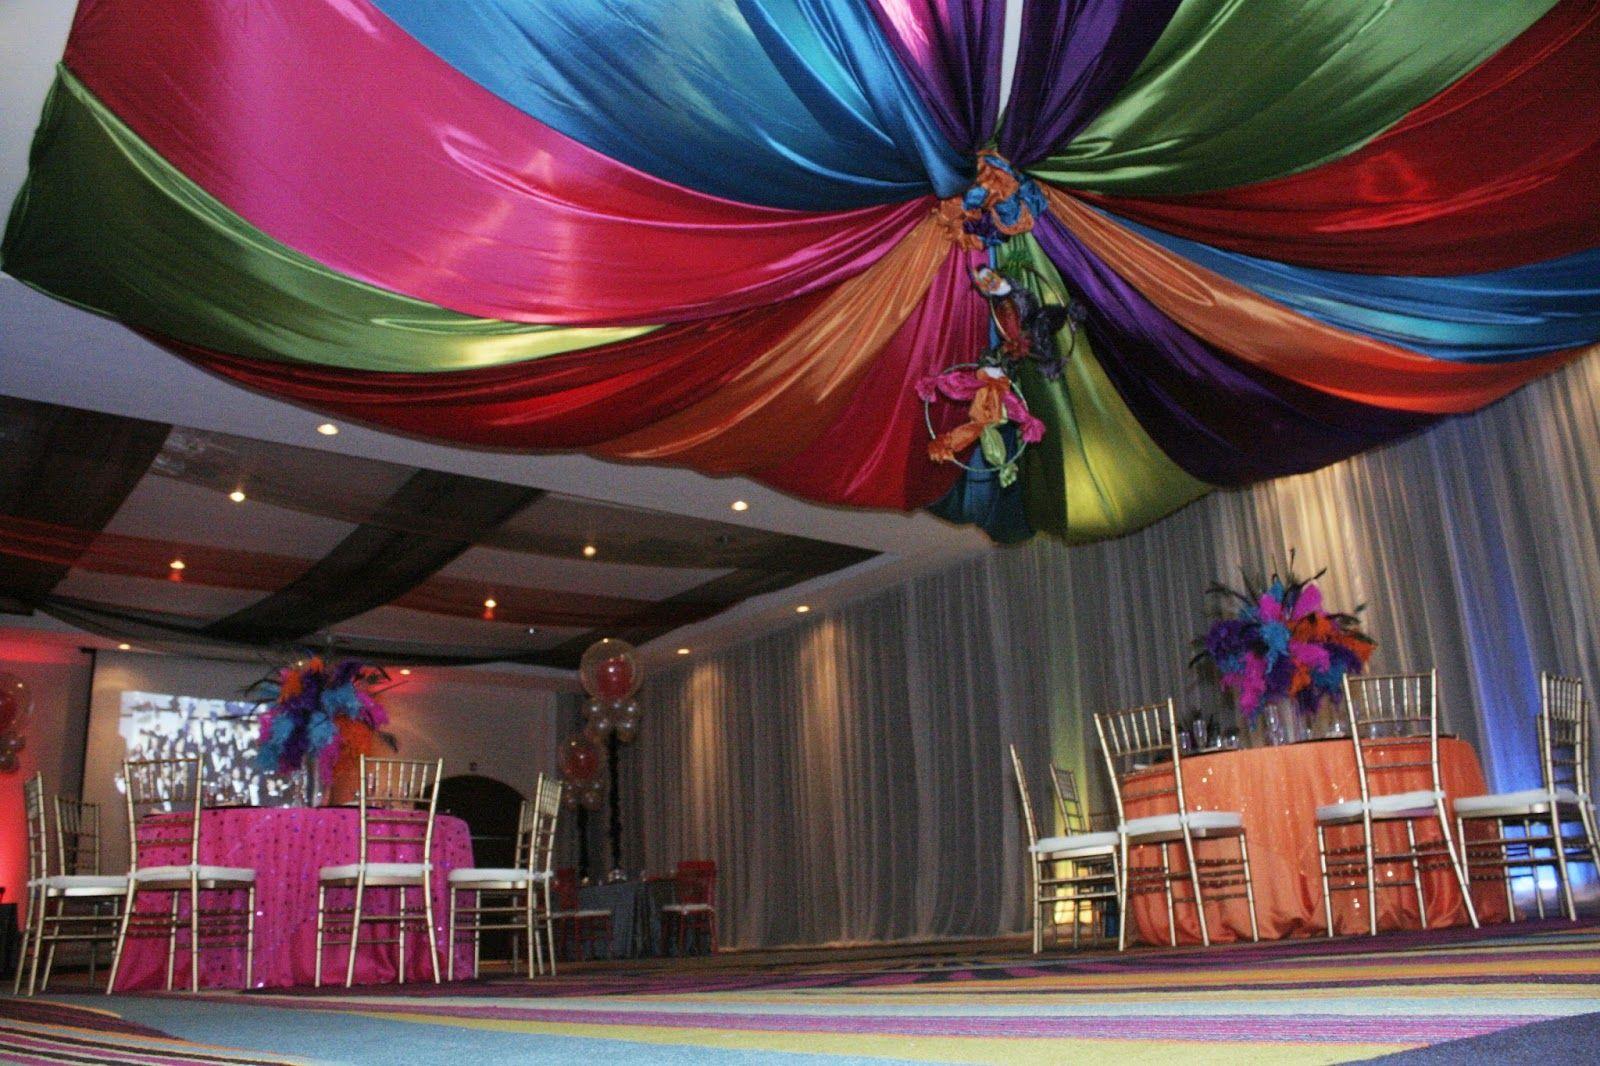 Nuevos decoracion con telas para fiestas una gran opcion for Decoracion con telas